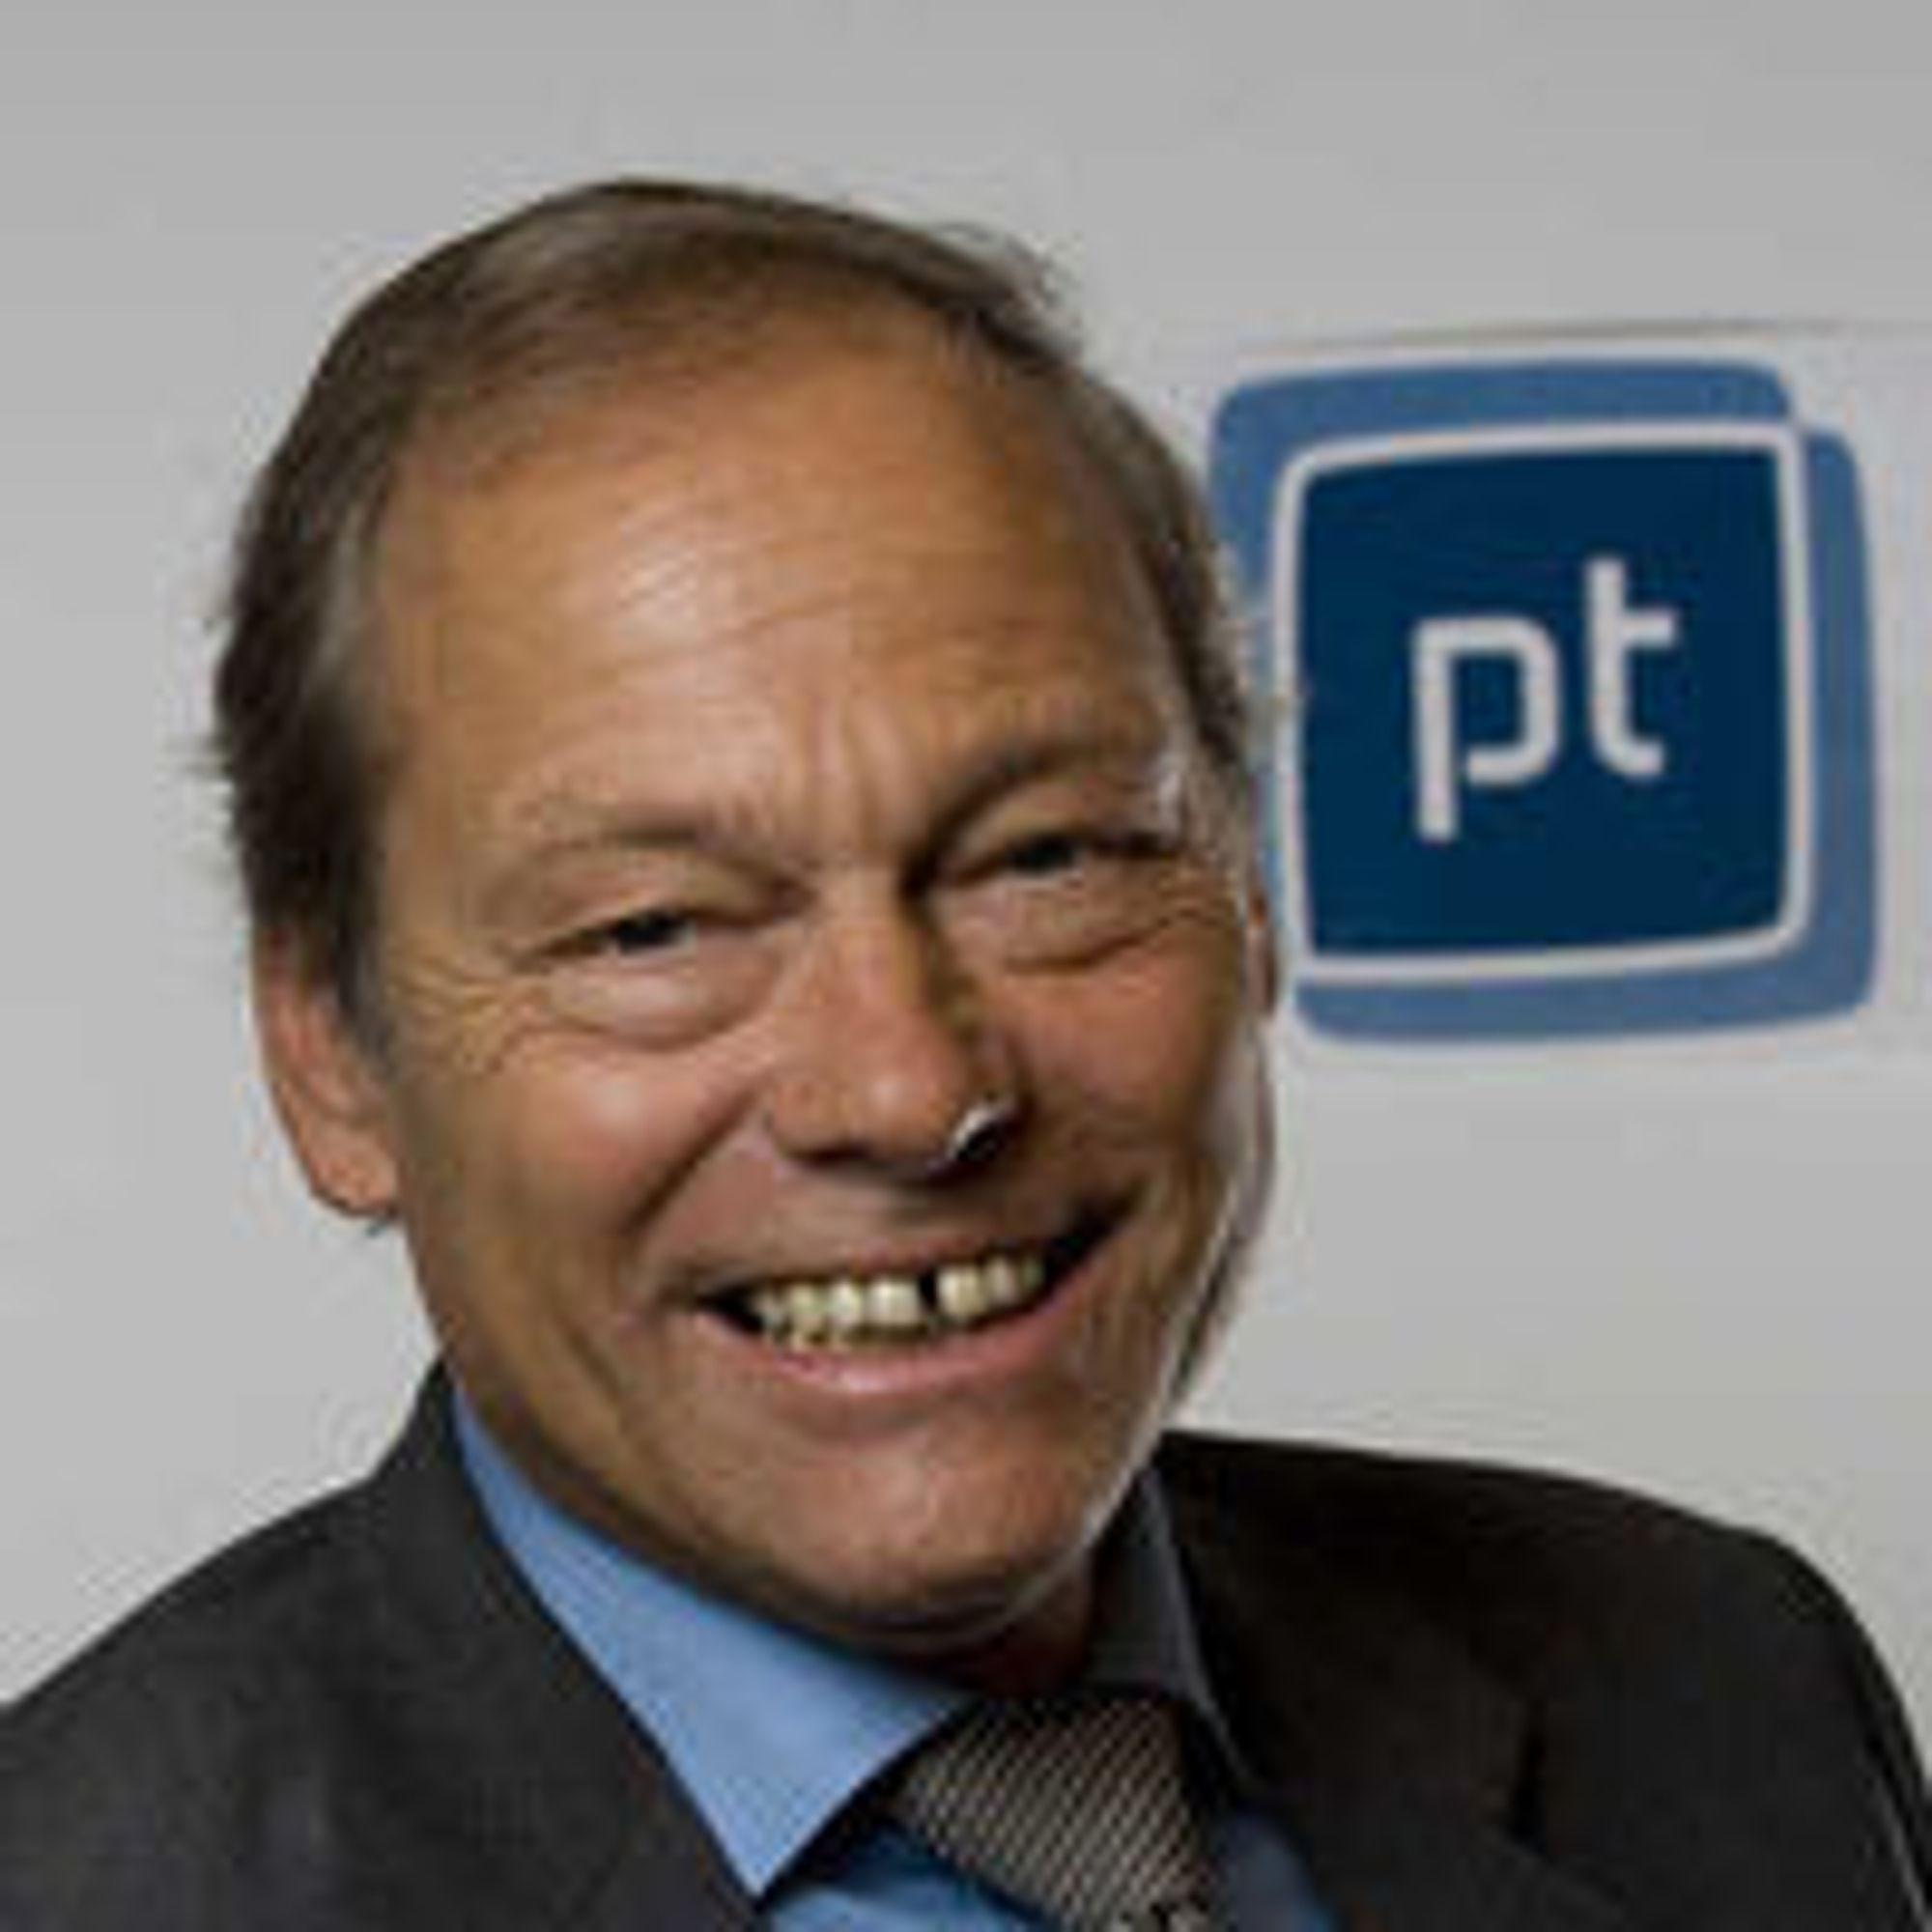 Det norske fibermarkedet blir ikke regulert i overkommelig fremtid, sier Willy Jensen i Post- og teletilsynet.